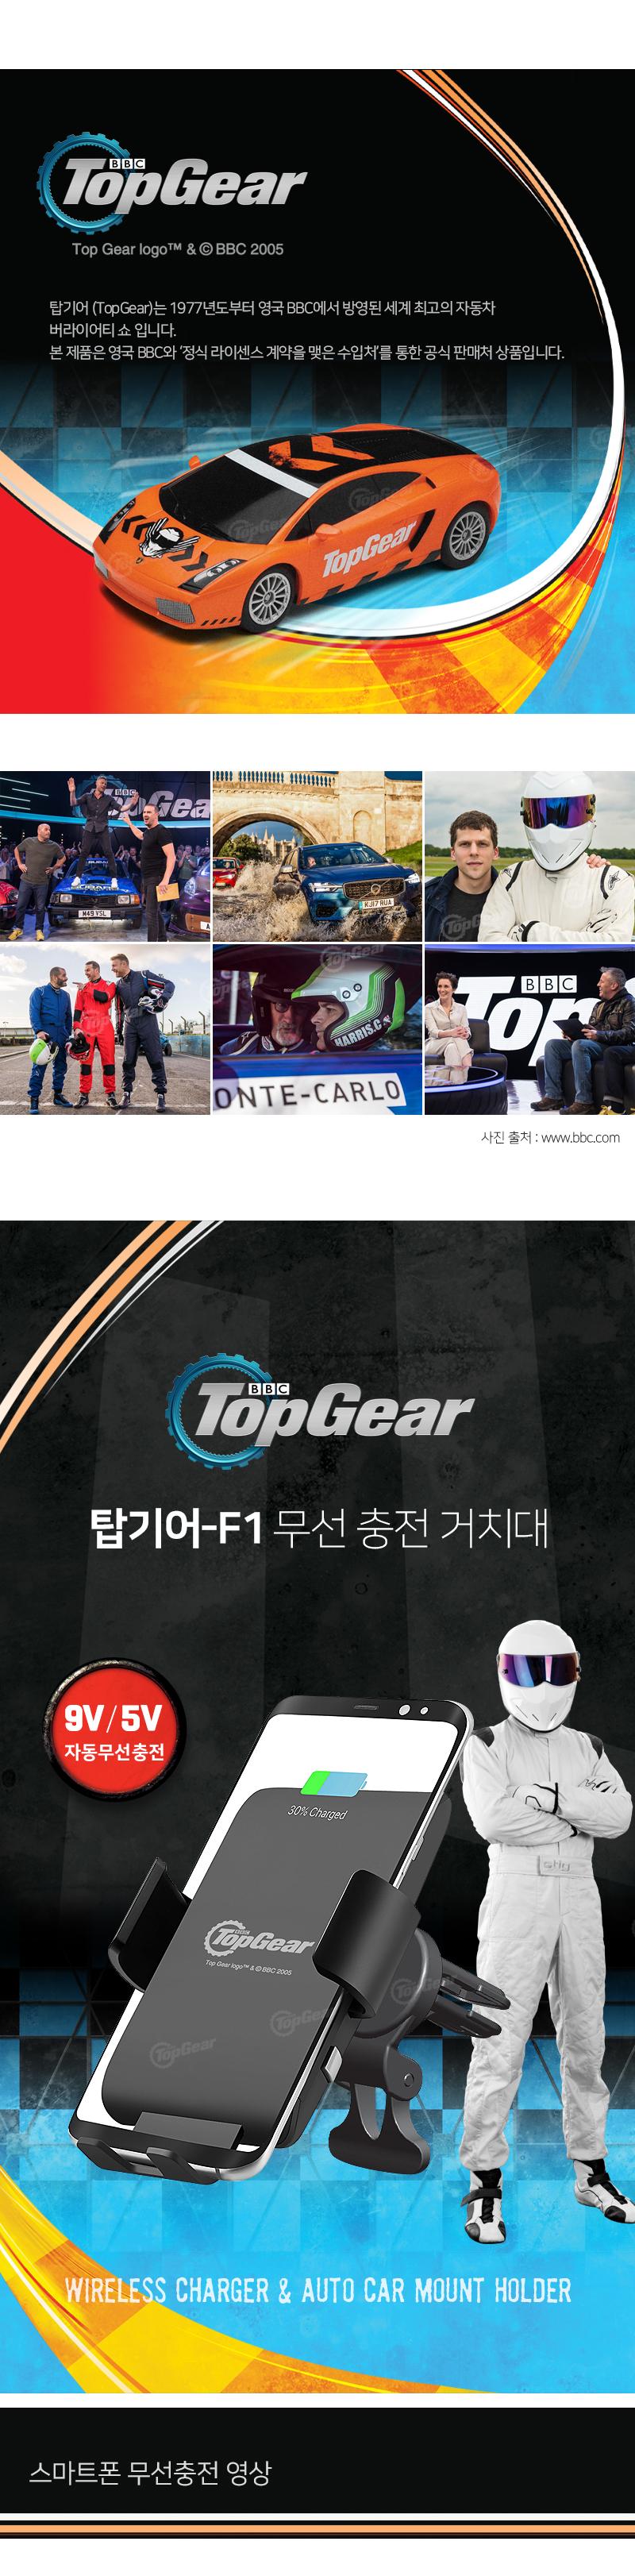 topgear_f1_01.jpg